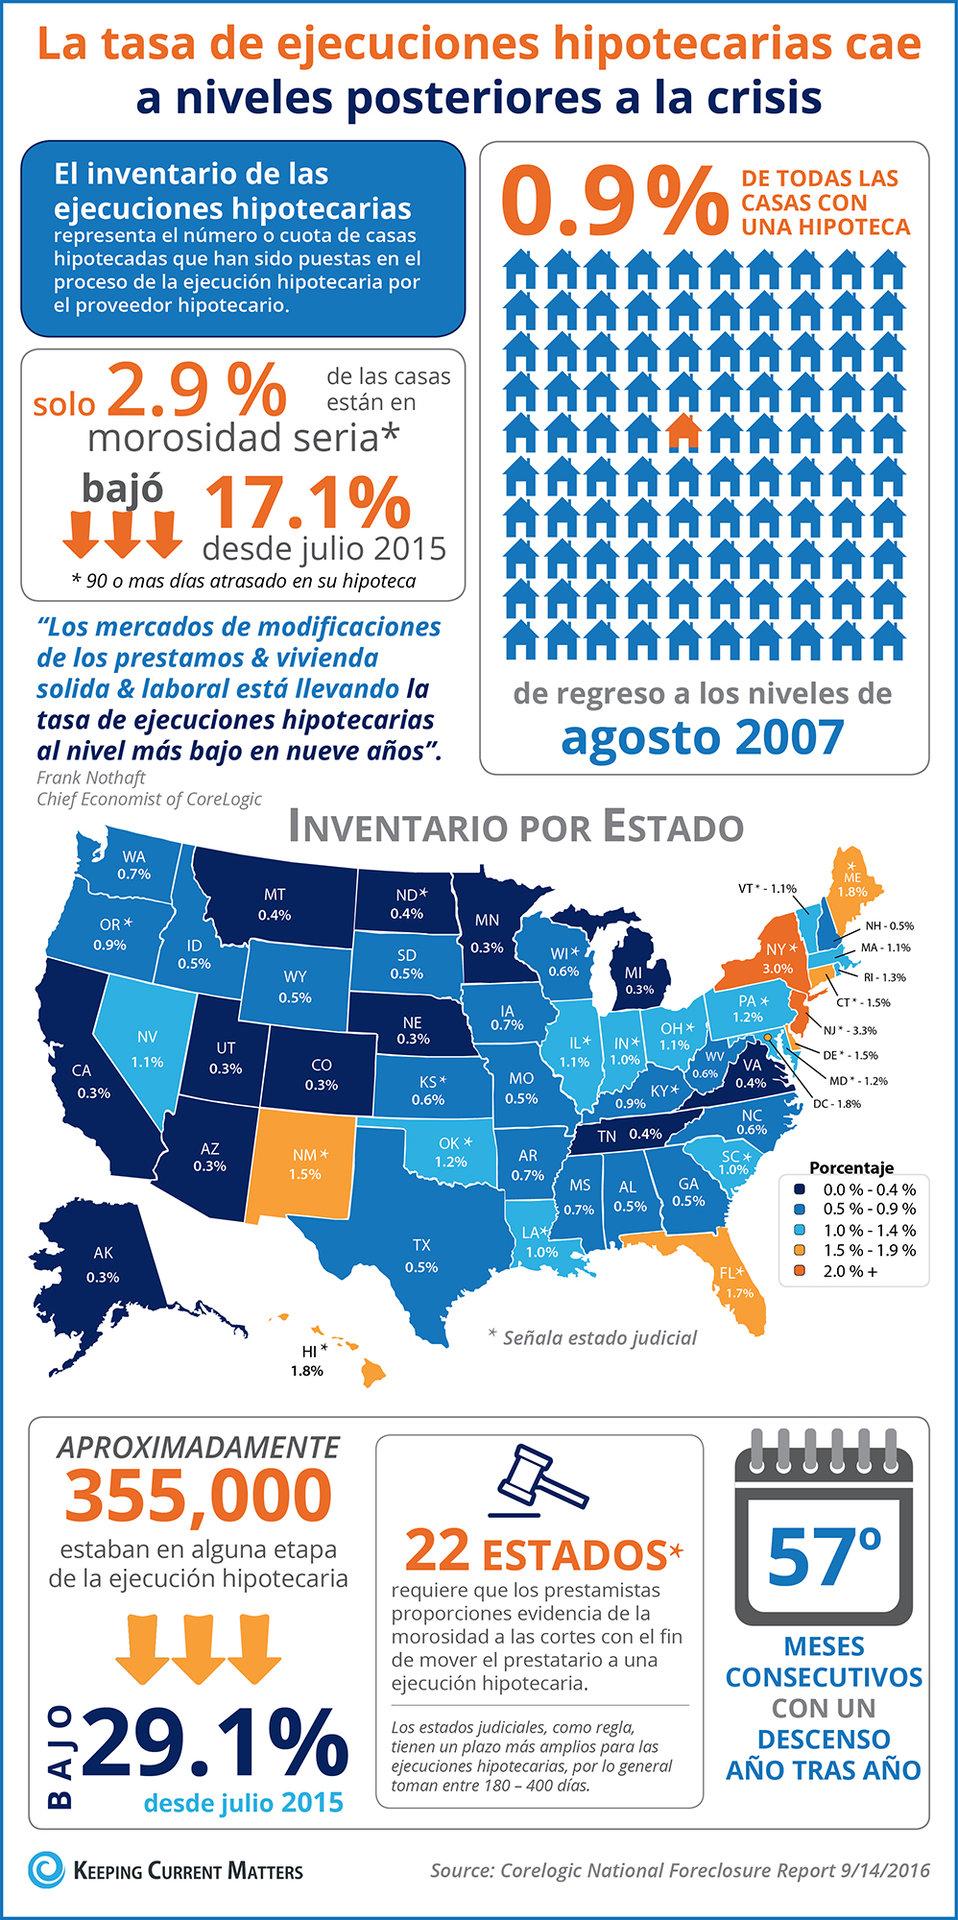 La tasa de las ejecuciones hipotecaria cae a niveles posteriores a la crisis [infografía] | Keeping Current Matters